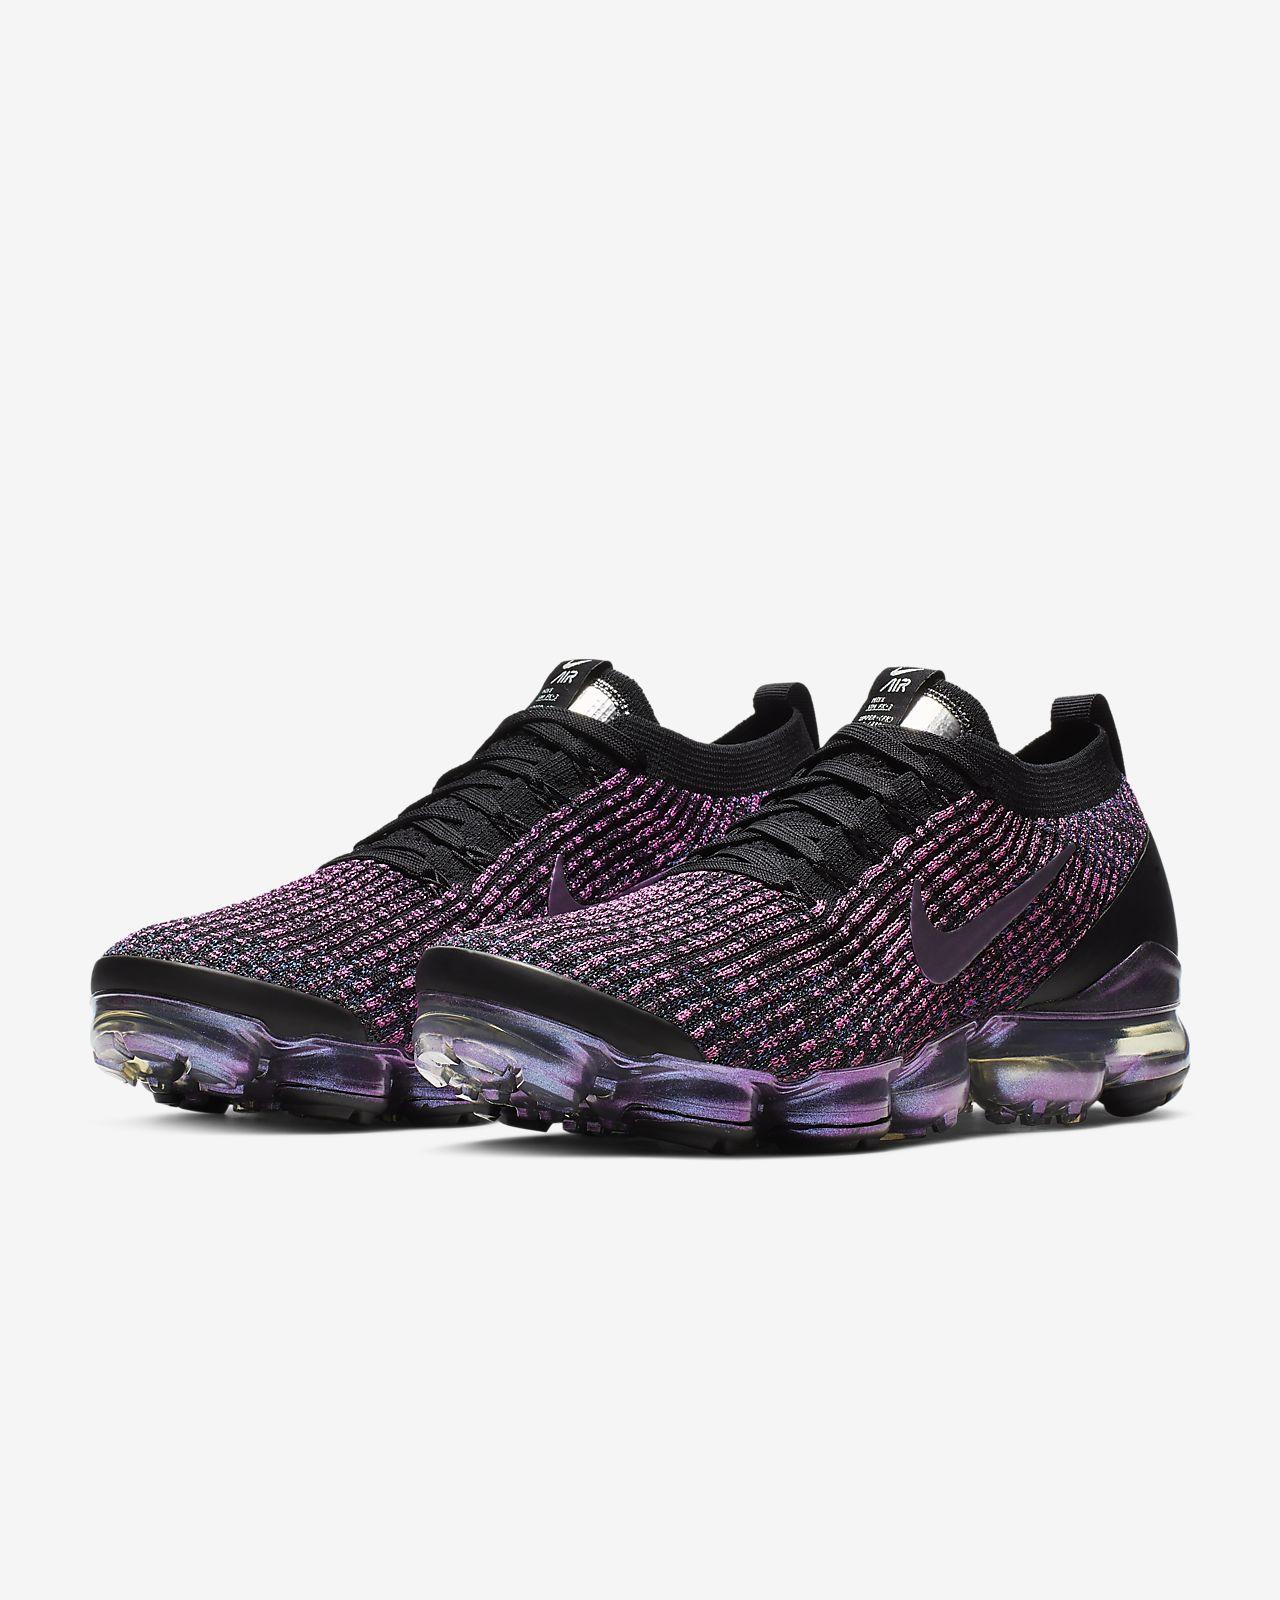 8f83b88ec15e Nike Air VaporMax Flyknit 3 Men s Shoe. Nike.com DK